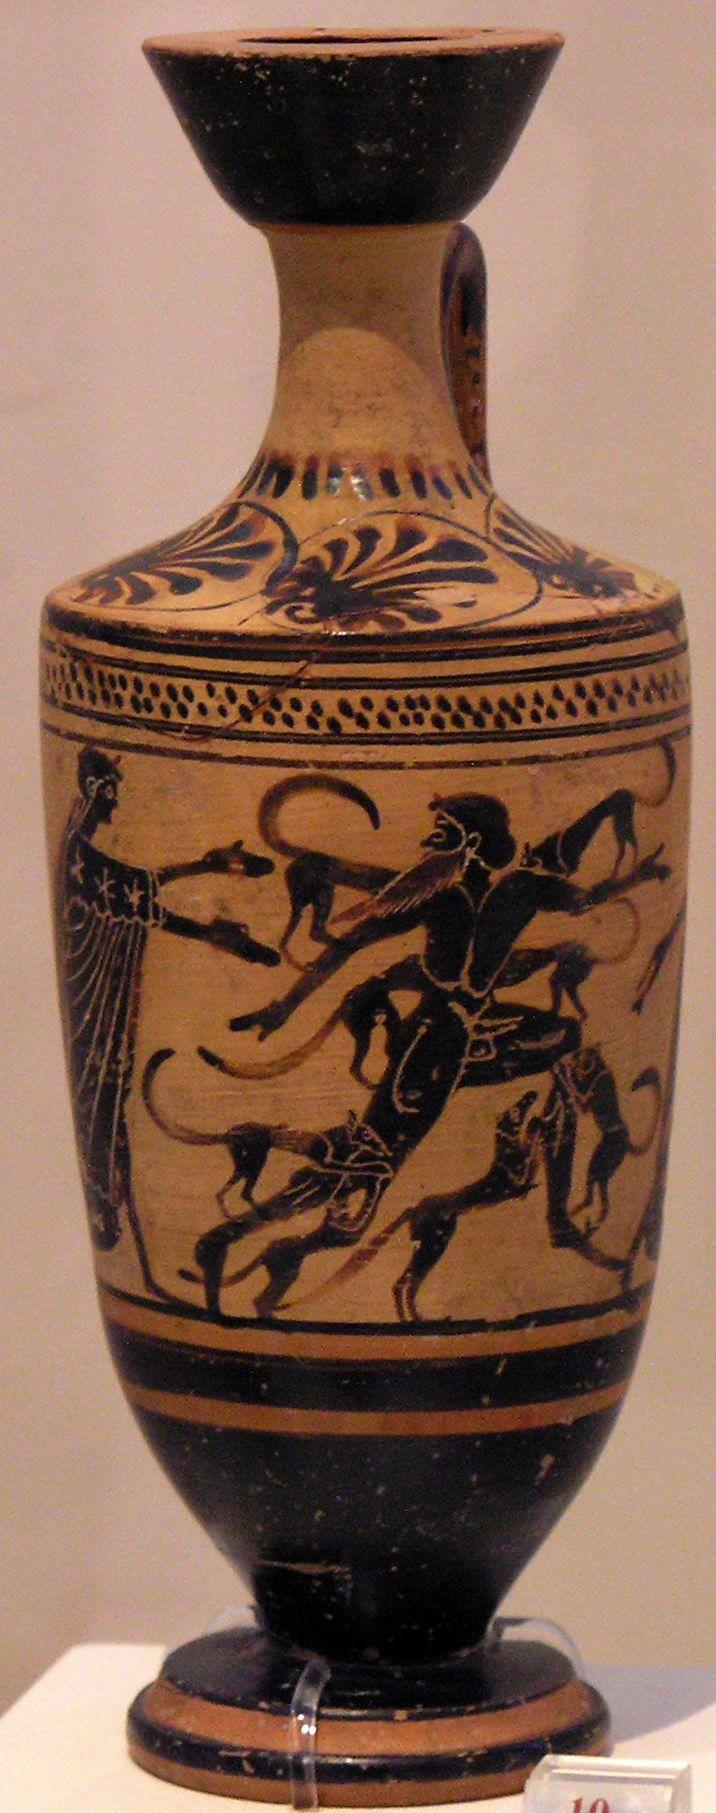 Lekythos a sfondo bianco, proveniente dall'Attica, ca. 480/470 a.C. Museo archeologico nazionale di Atene. Lekythos: piccolo vaso di forma allungata ad un manico per contenere profumi e unguenti.